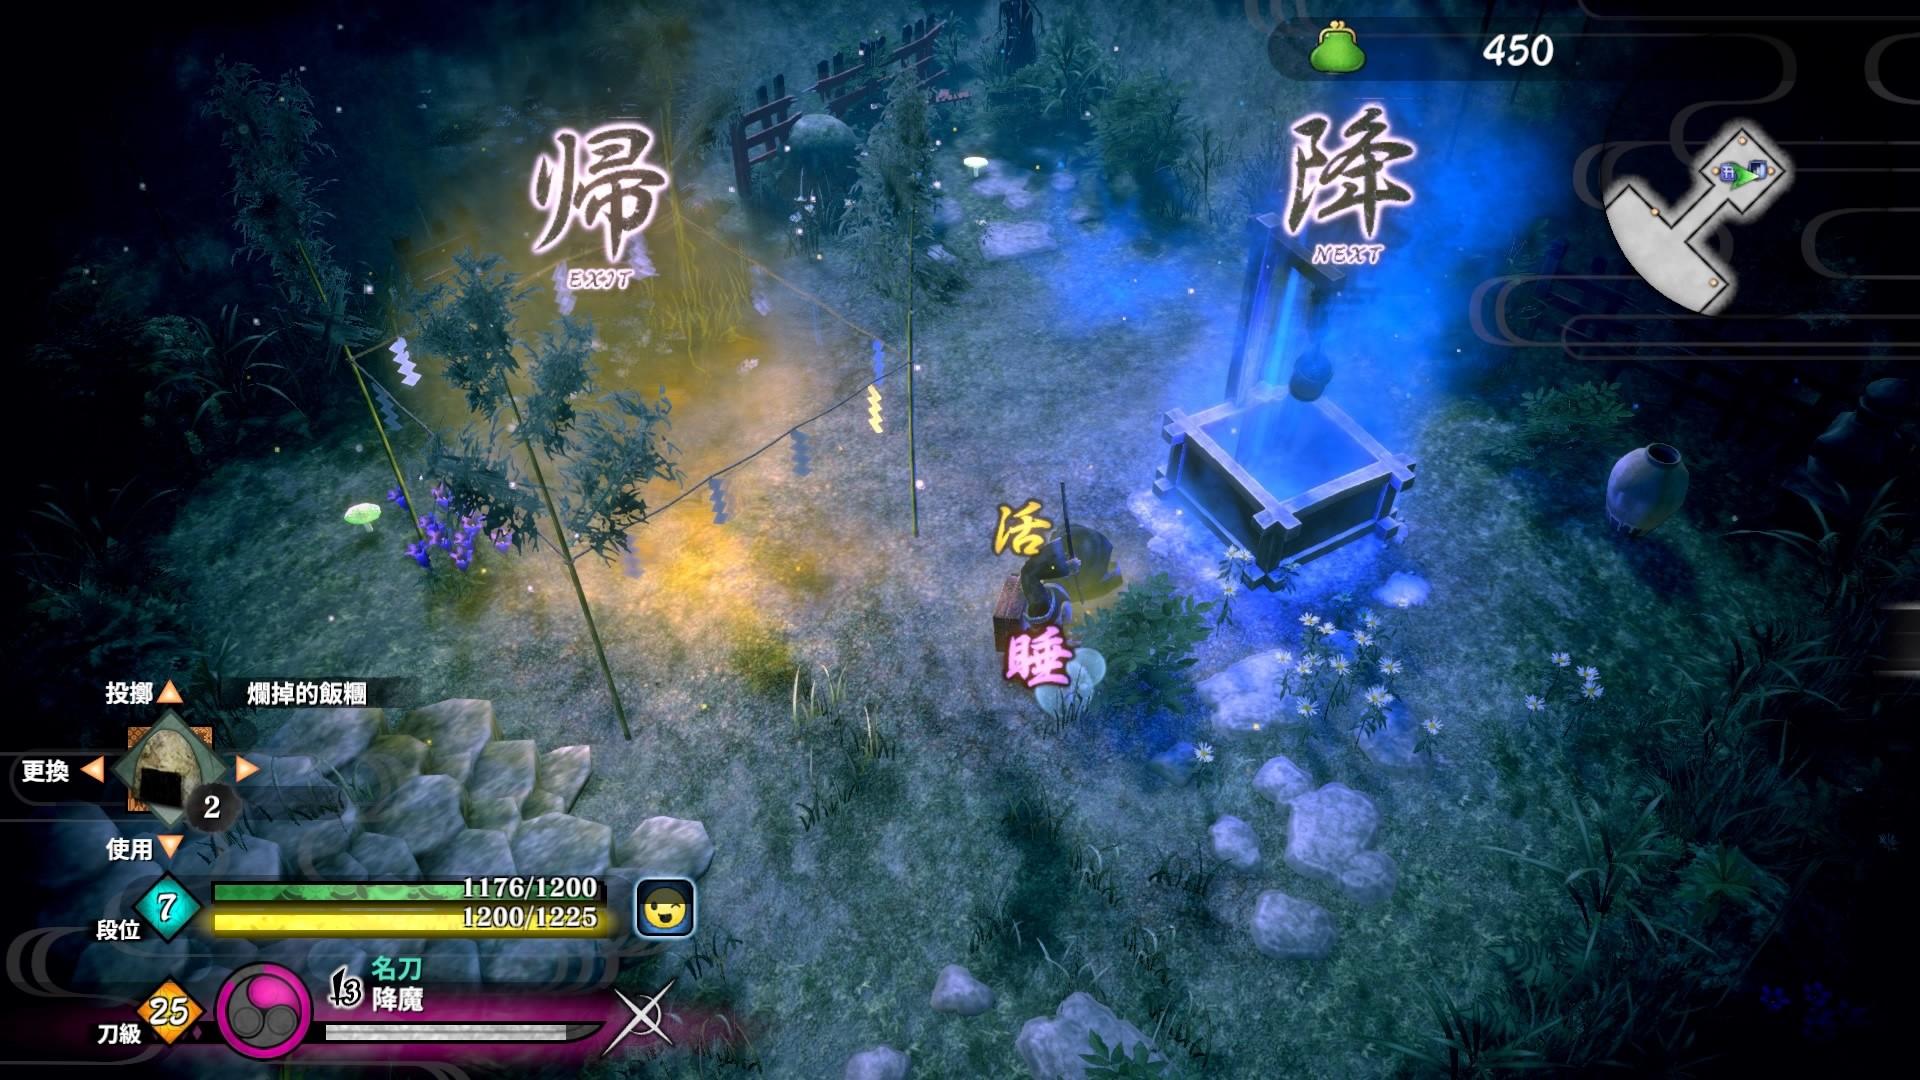 《侍道外传:刀神》评测:孤松下、月明光、幕末武士奇谭